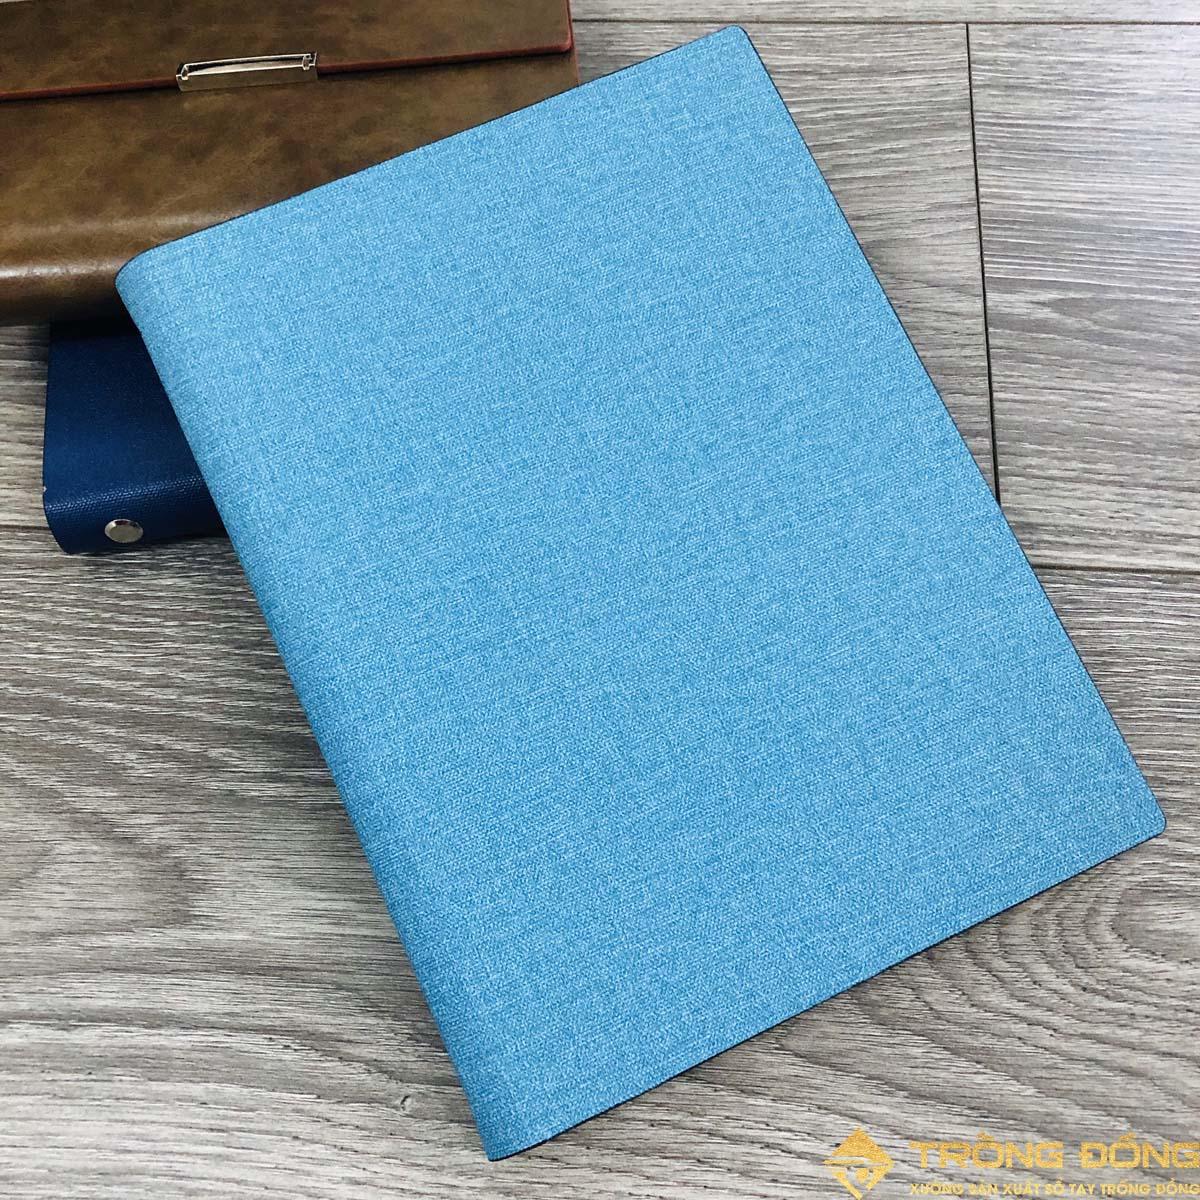 Sổ lăn sơn A5 lò xo màu xanh ngọc - LSA5 Lò Xo 01